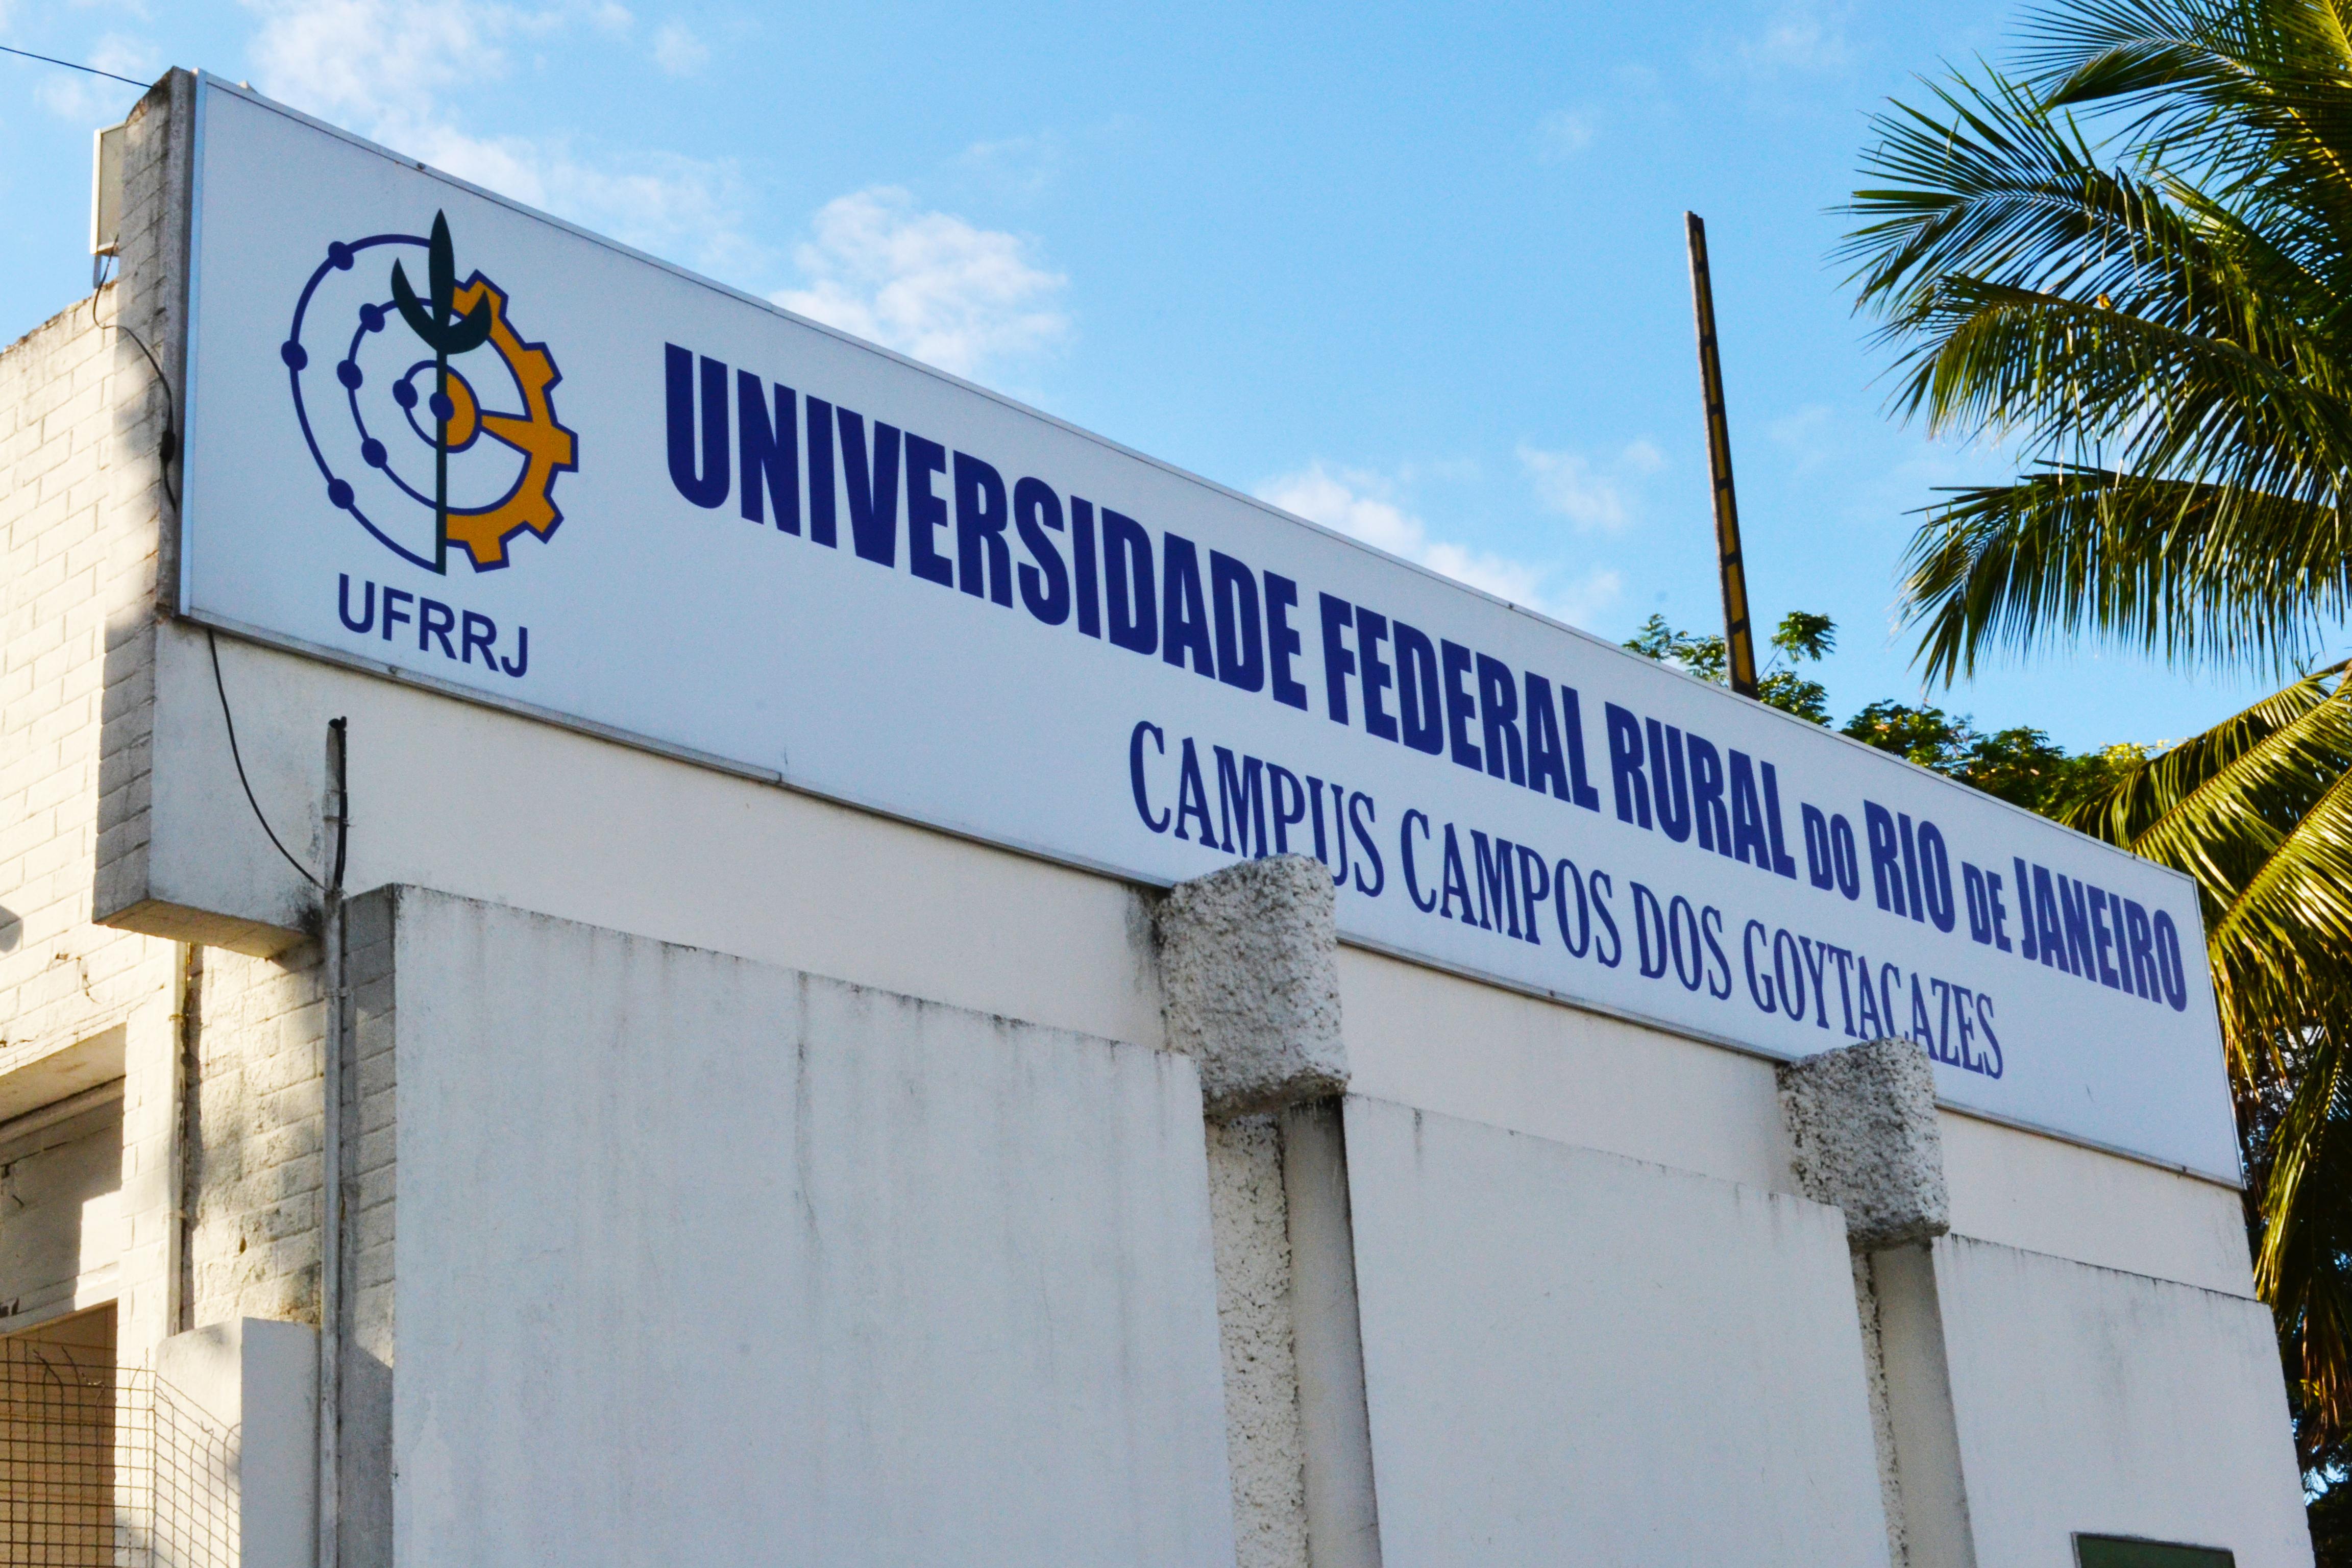 Entrada – Campos dos Goytacazes (Foto: Daniel Dias)